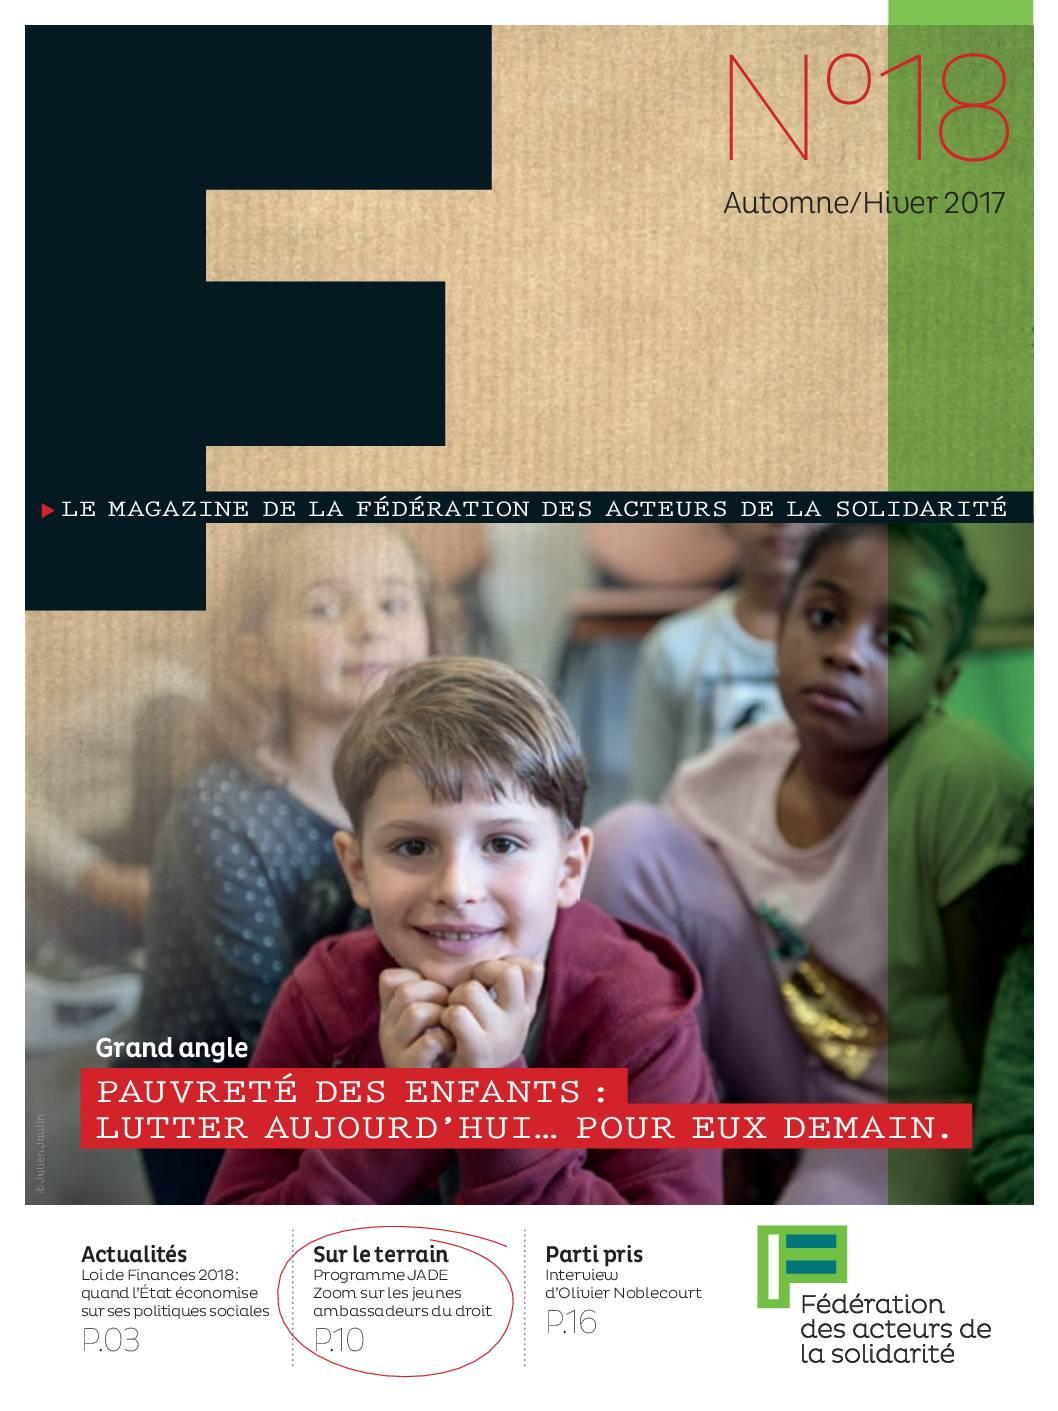 F #18 - Pauvreté des enfants : lutter aujourd'hui... Pour eux demain.